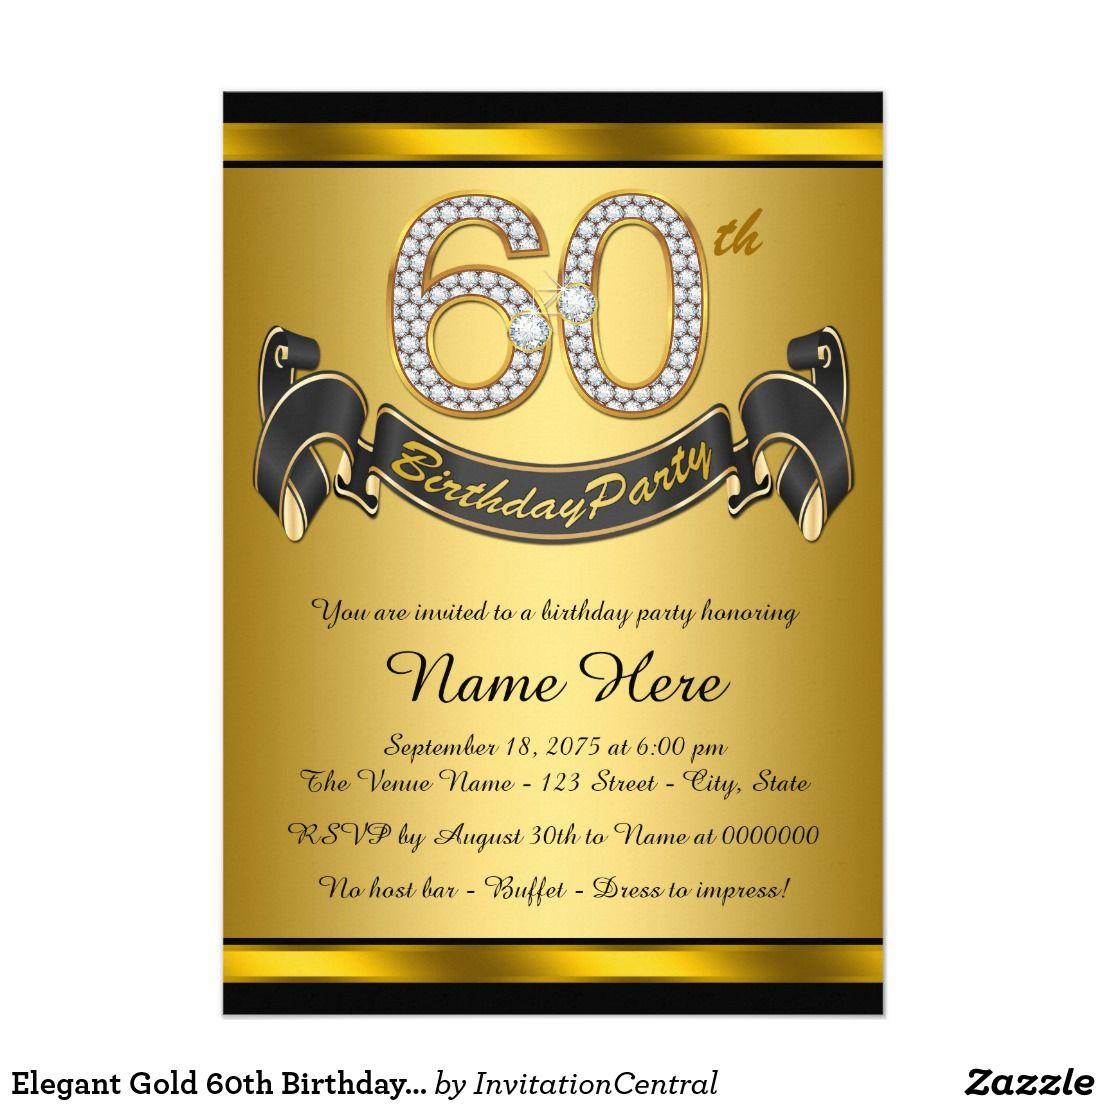 Elegant Gold 60th Birthday Party Invitation Zazzle Com In 2021 75th Birthday Parties 50th Birthday Party Invitations 60th Birthday Party Invitations